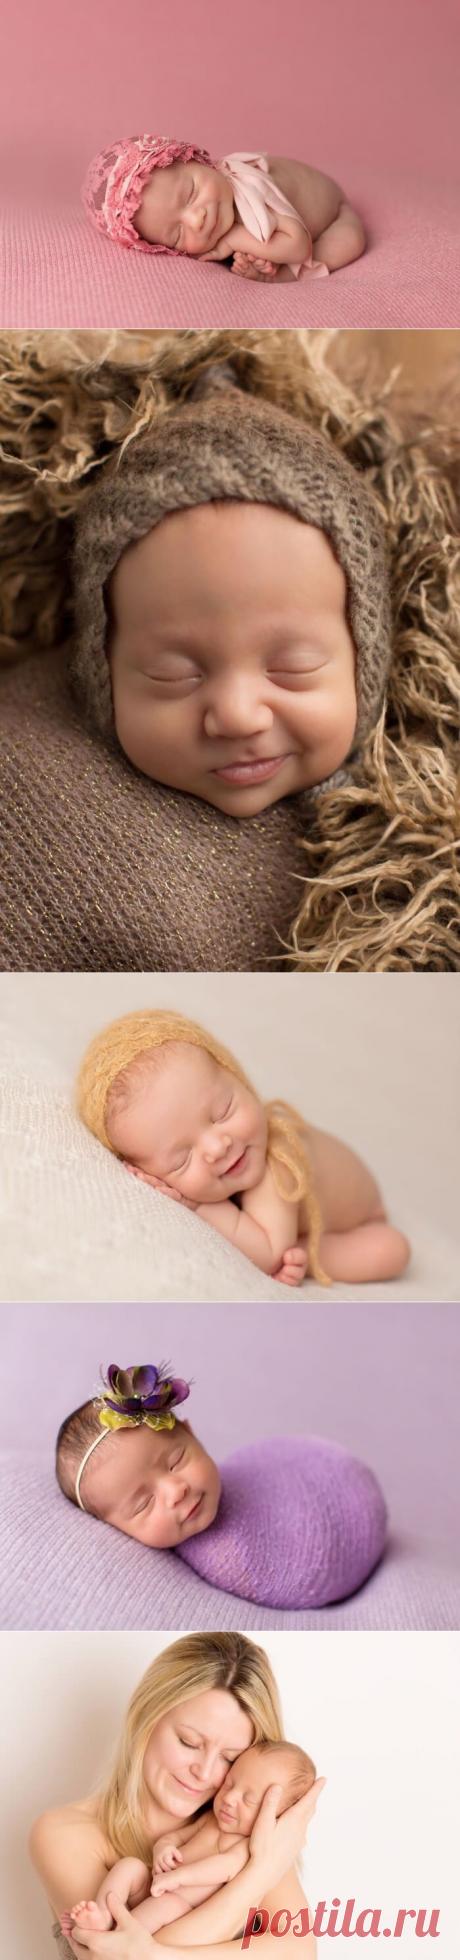 Фотограф, который ловит улыбки спящих младенцев | В темпі життя